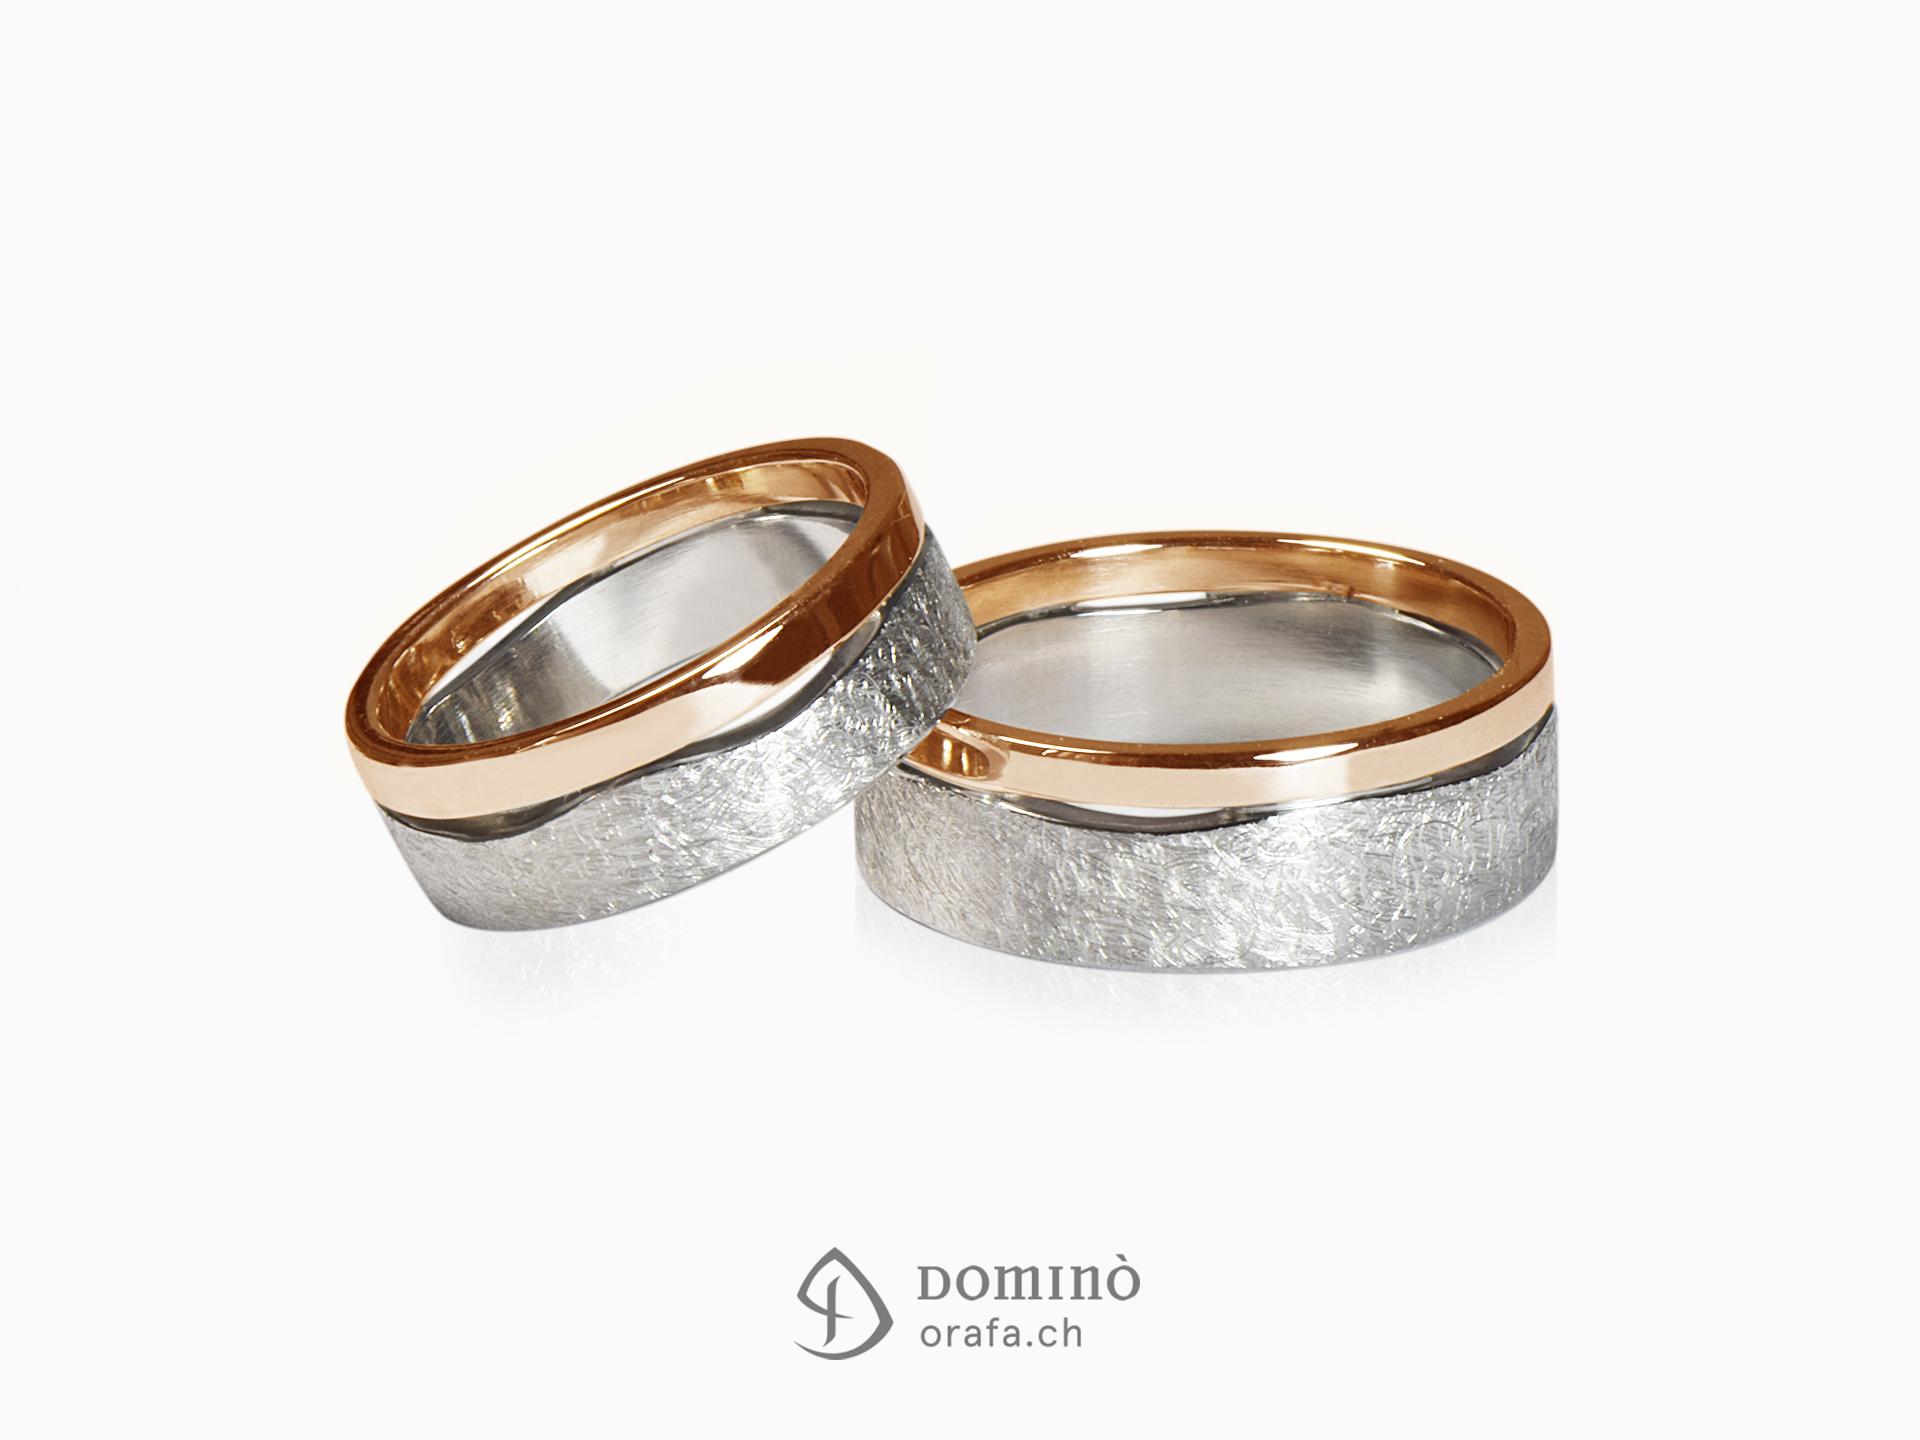 anelli-doppi-onda-lucido-graffiato-bicolore-variante-1